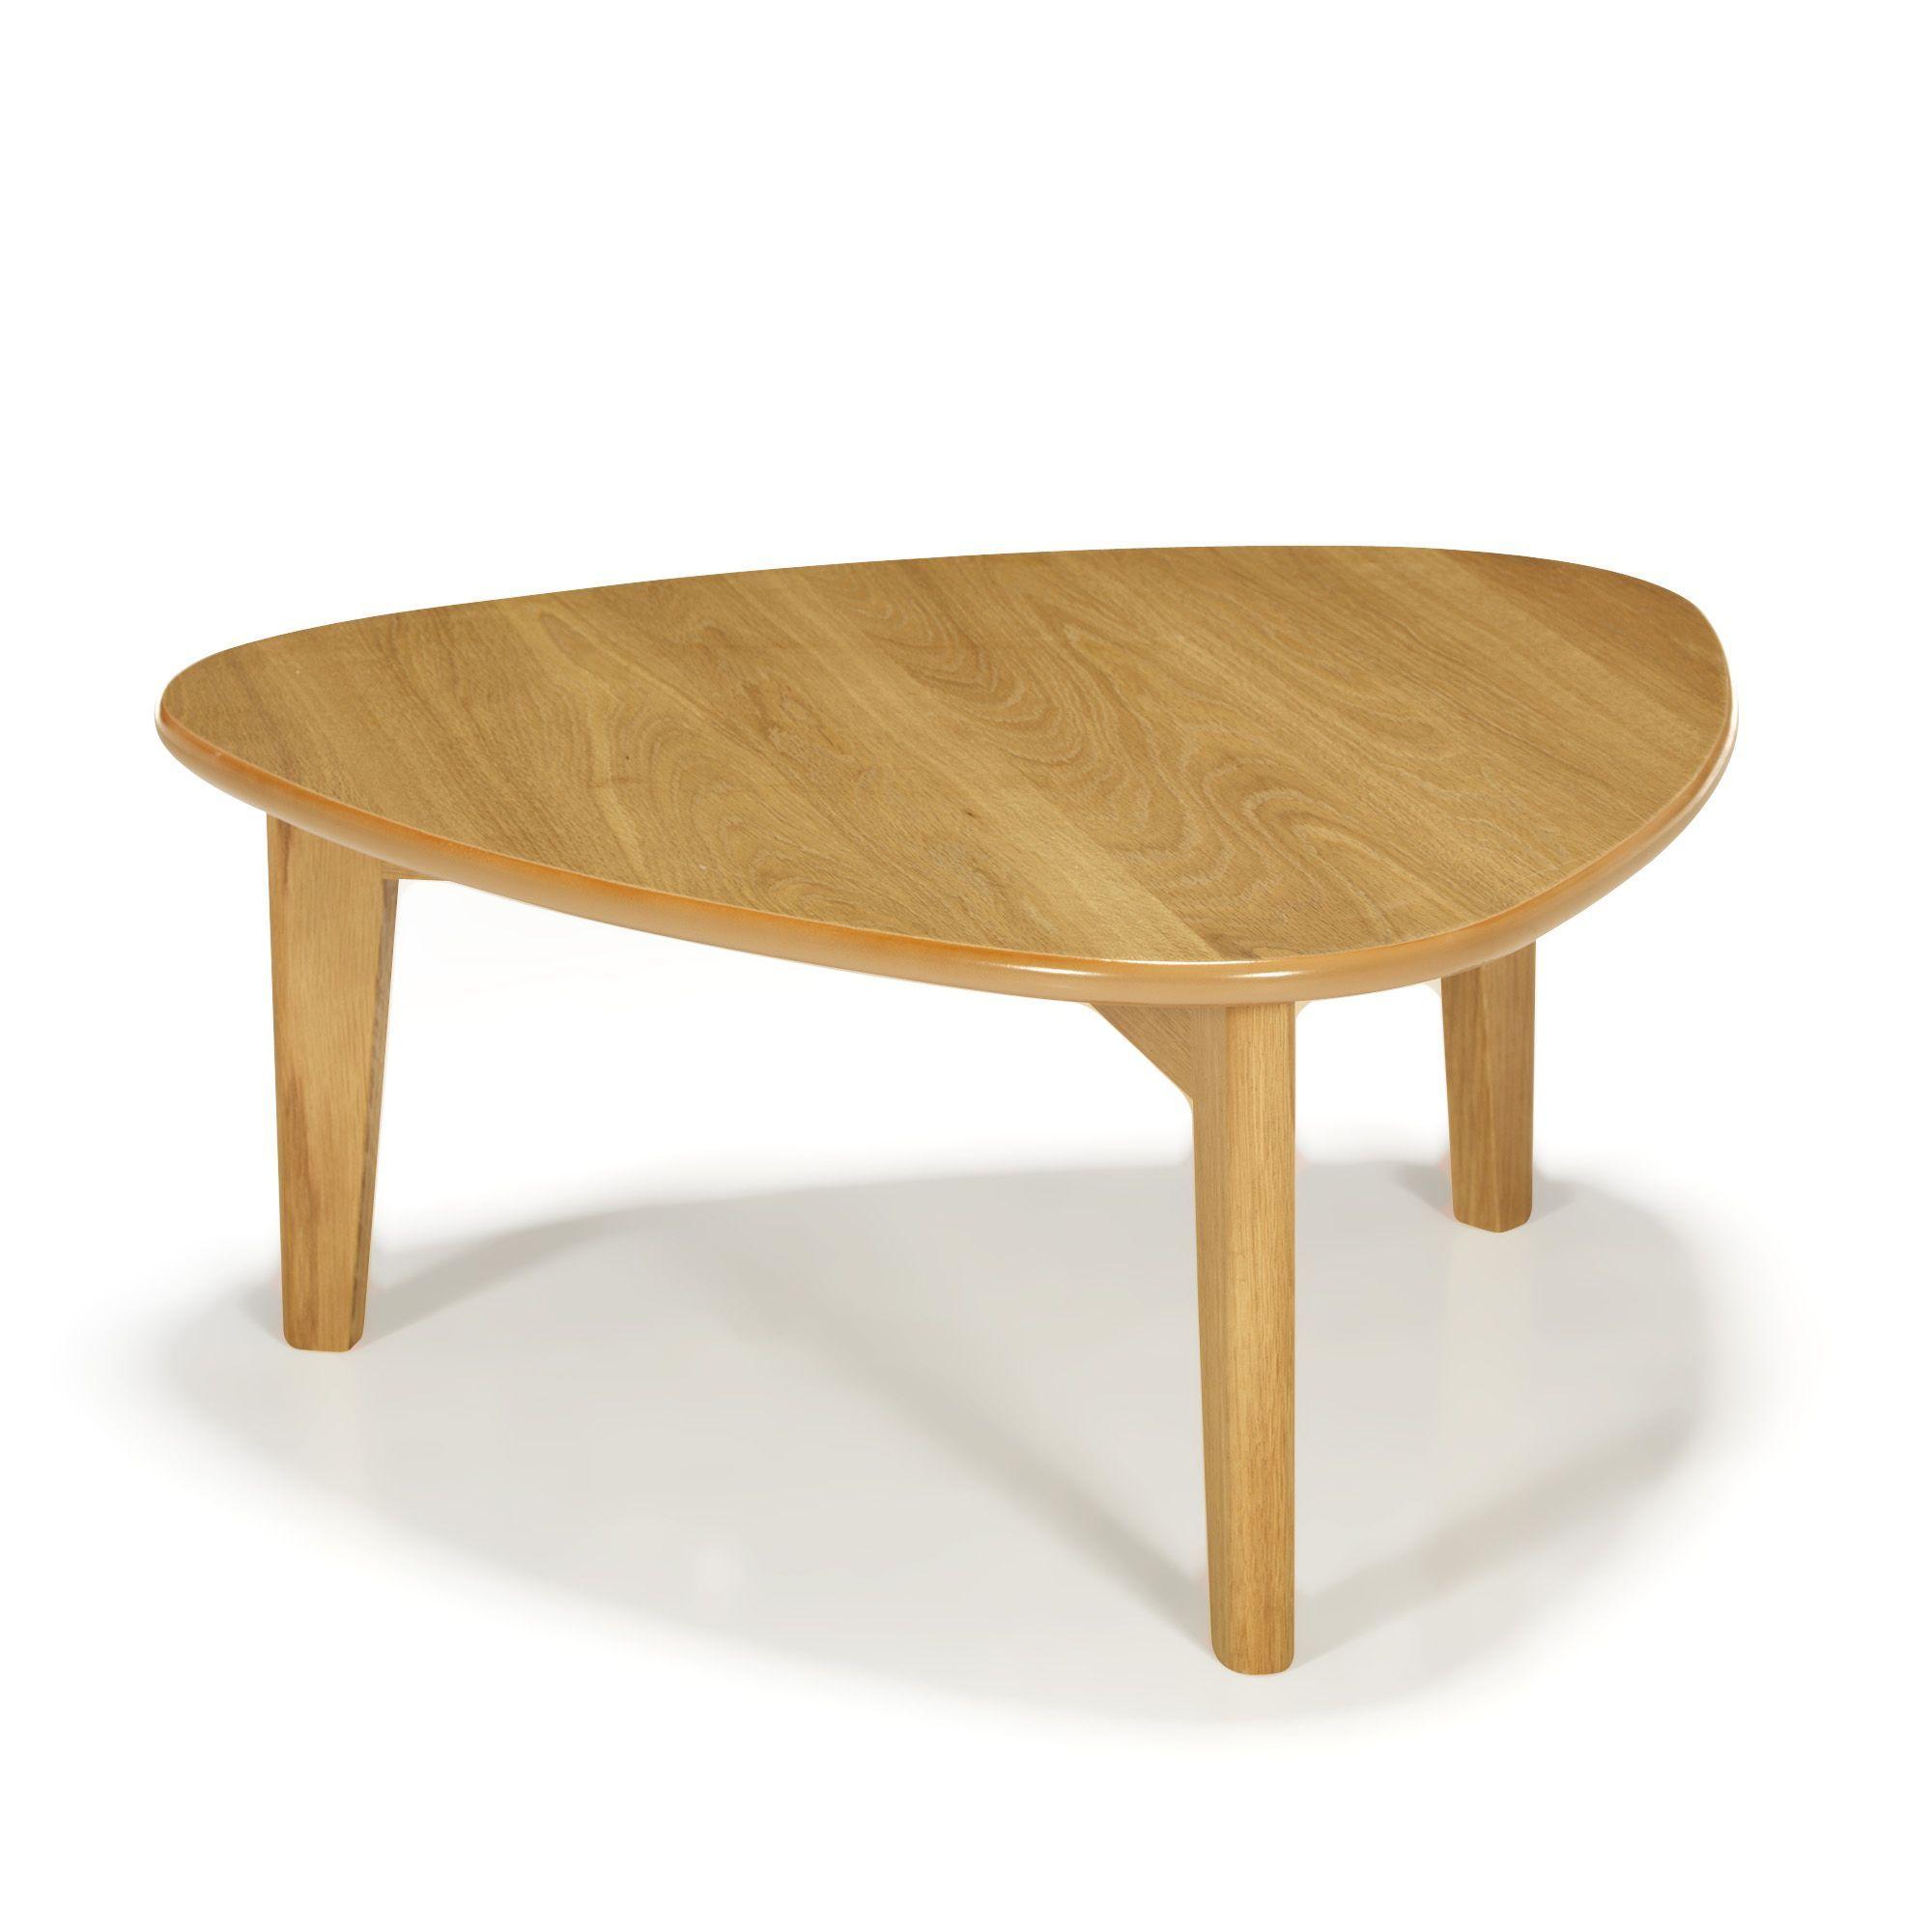 Siwa Table Basse Vintage Scandinave En Chêne Cm Idées Pour La - Table 140x140 avec rallonge pour idees de deco de cuisine